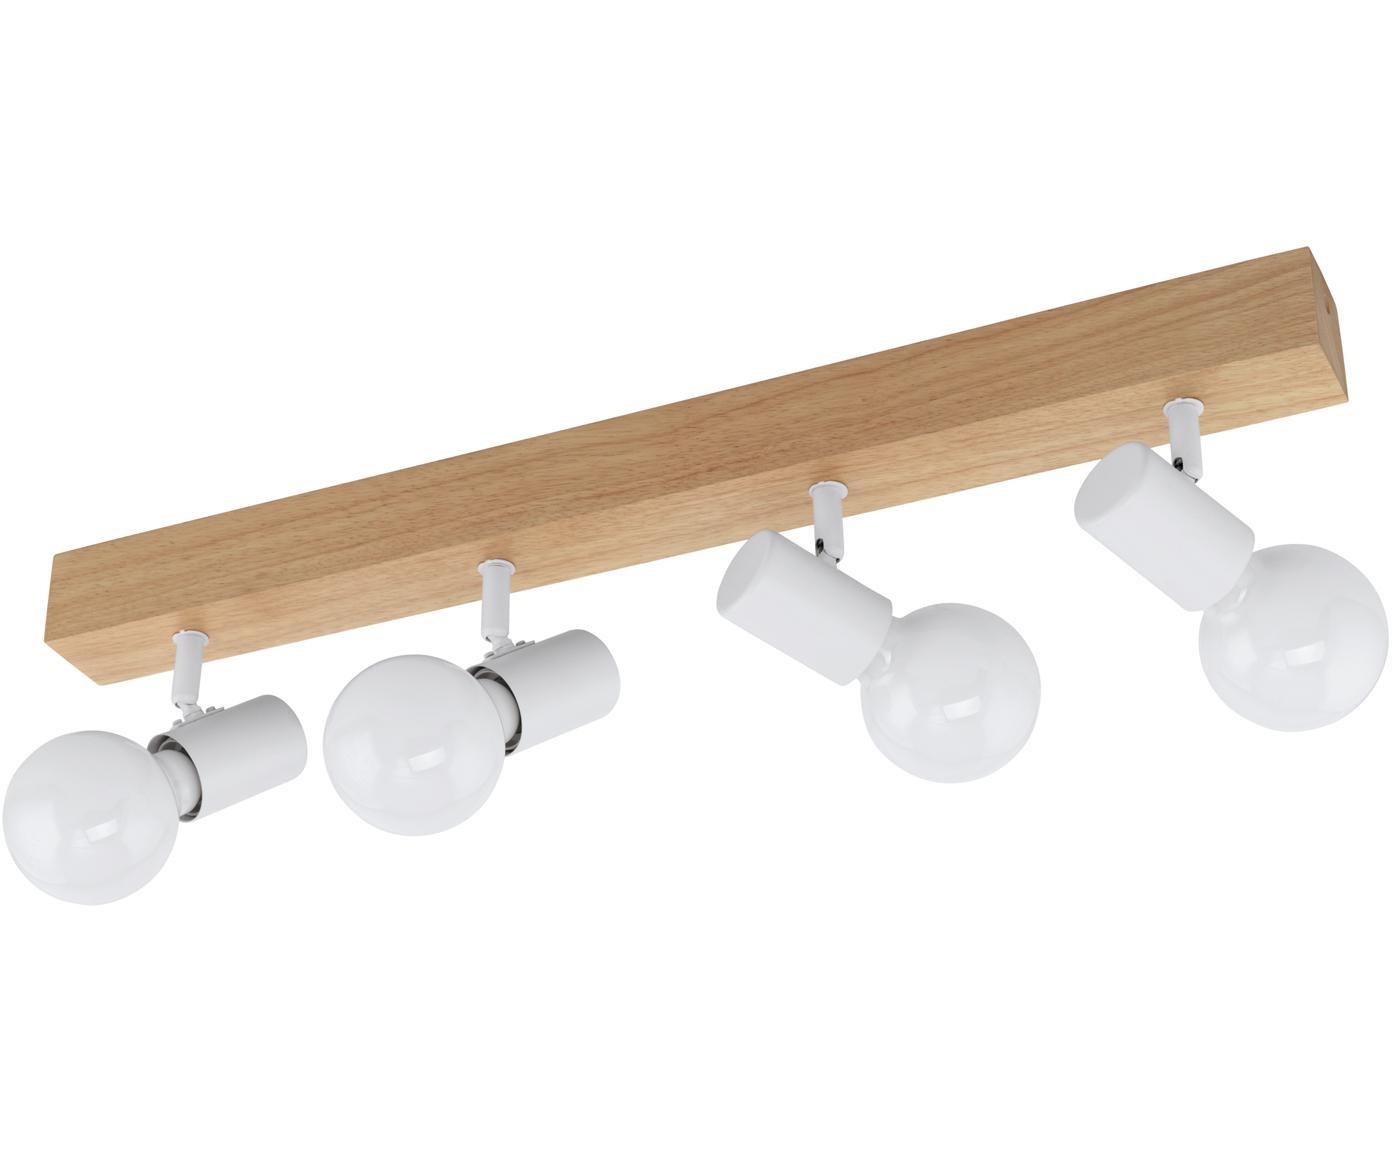 Lampa sufitowa Townshend, Biały, drewno naturalne, S 63 x D 13 cm